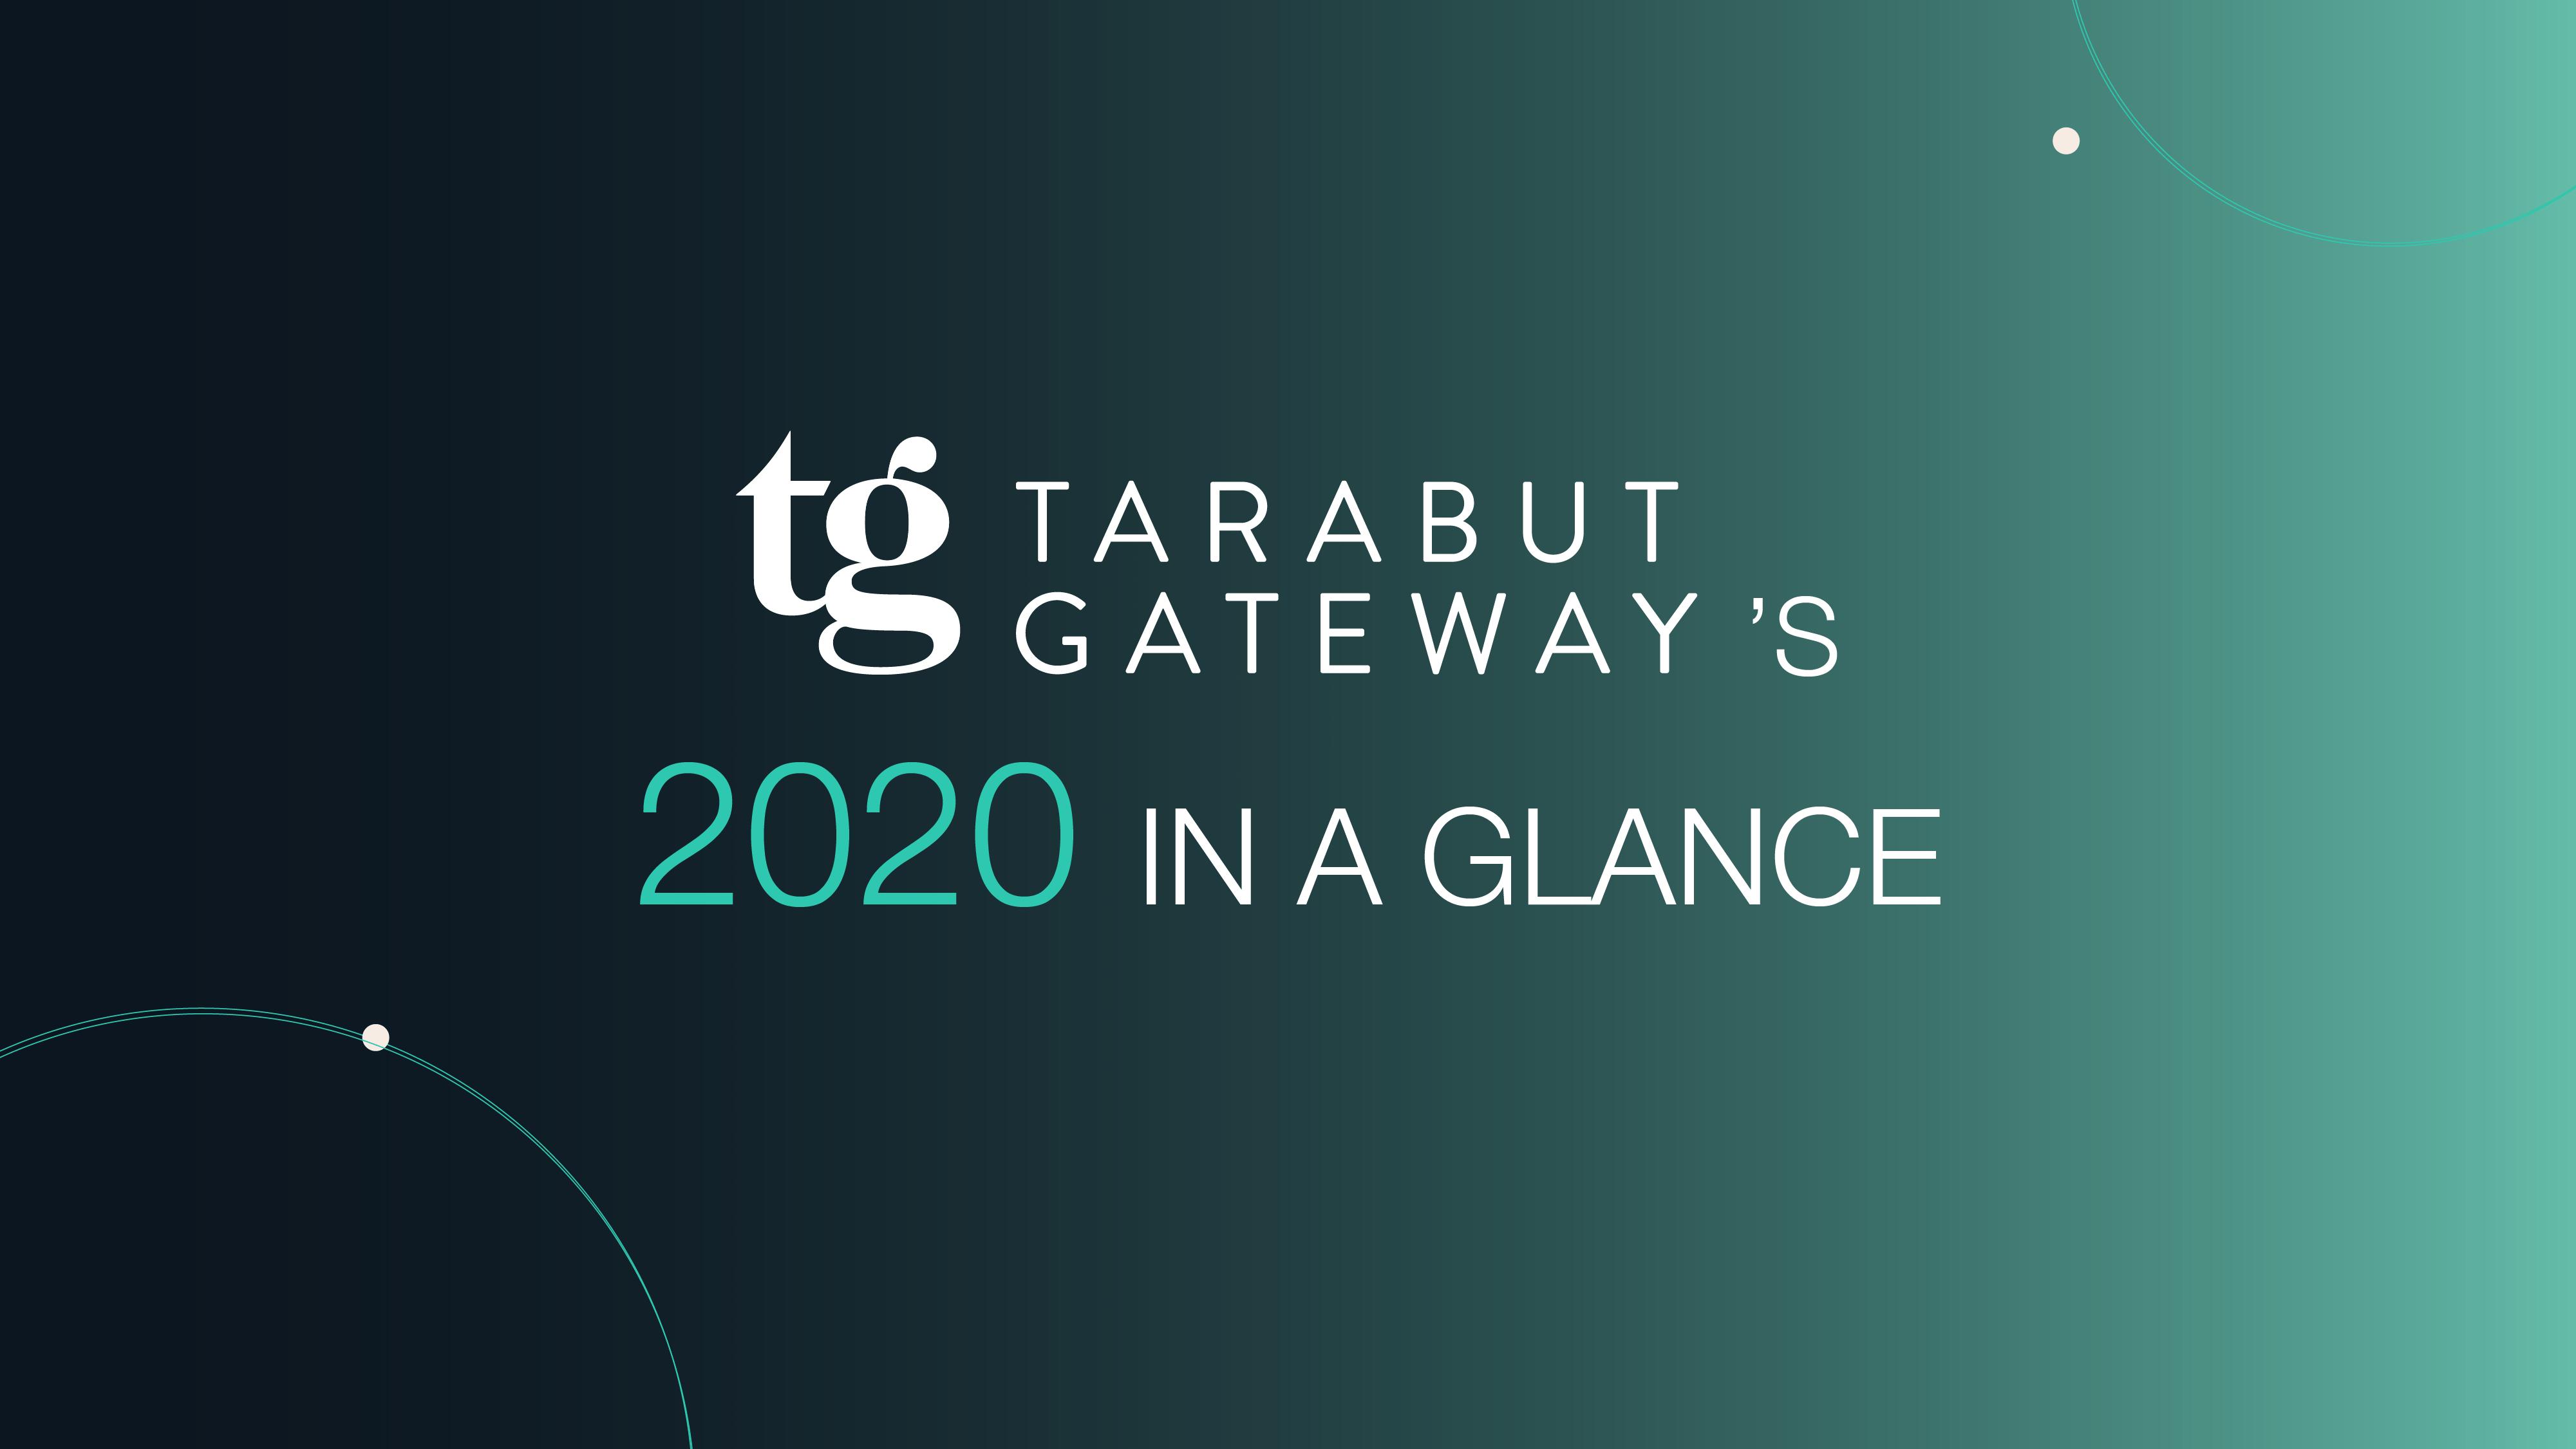 Tarabut Gateway's 2020 in a Glance